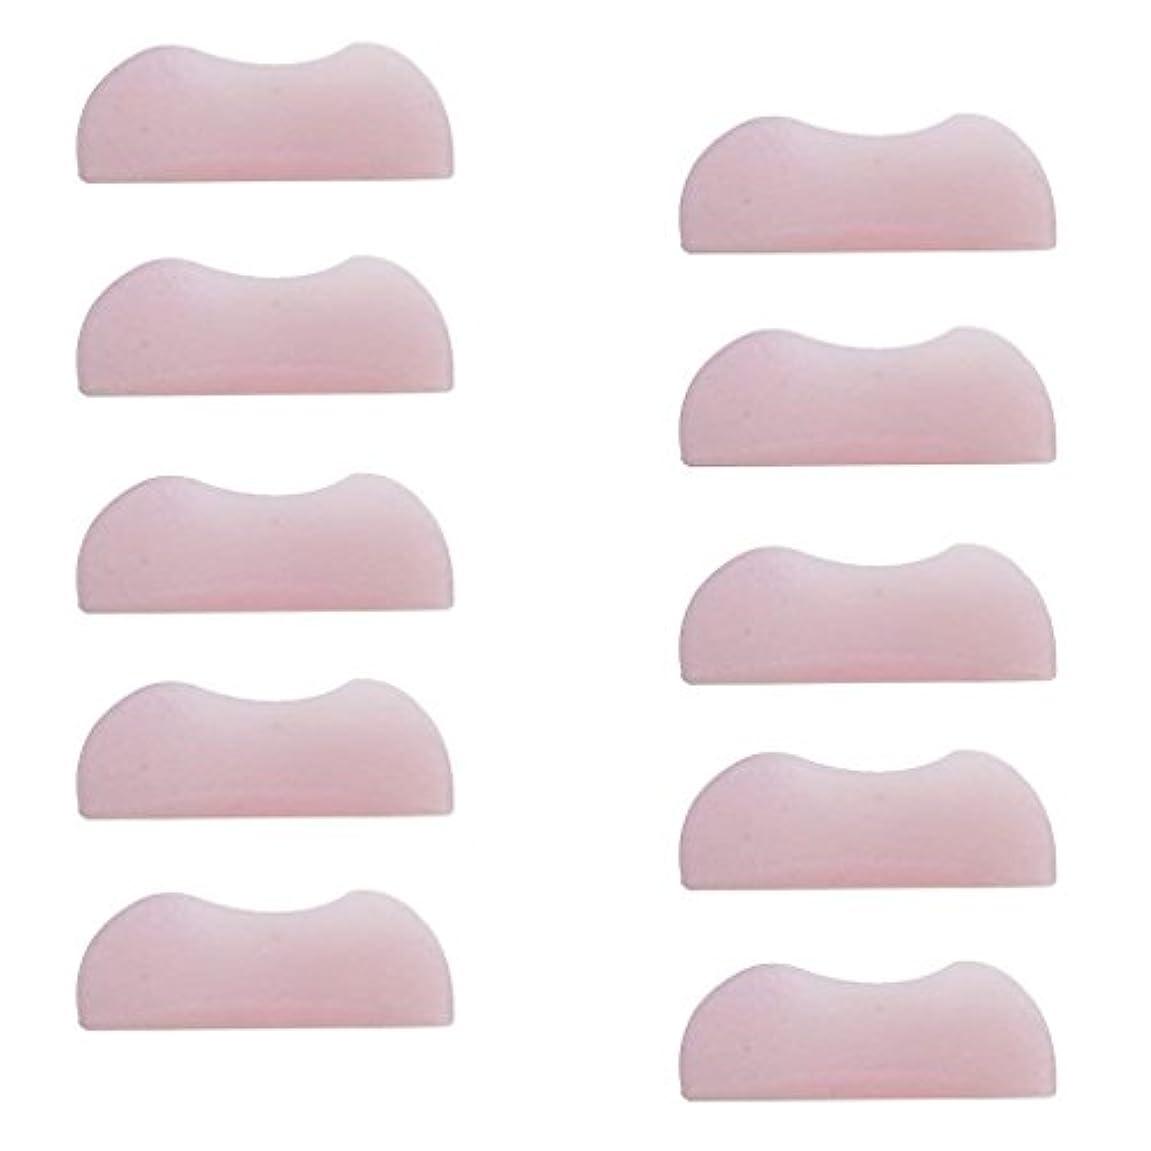 カヌー認証ミシン目5組 シリコンのまつげパッド まつげ美容用のまつげパーツキット